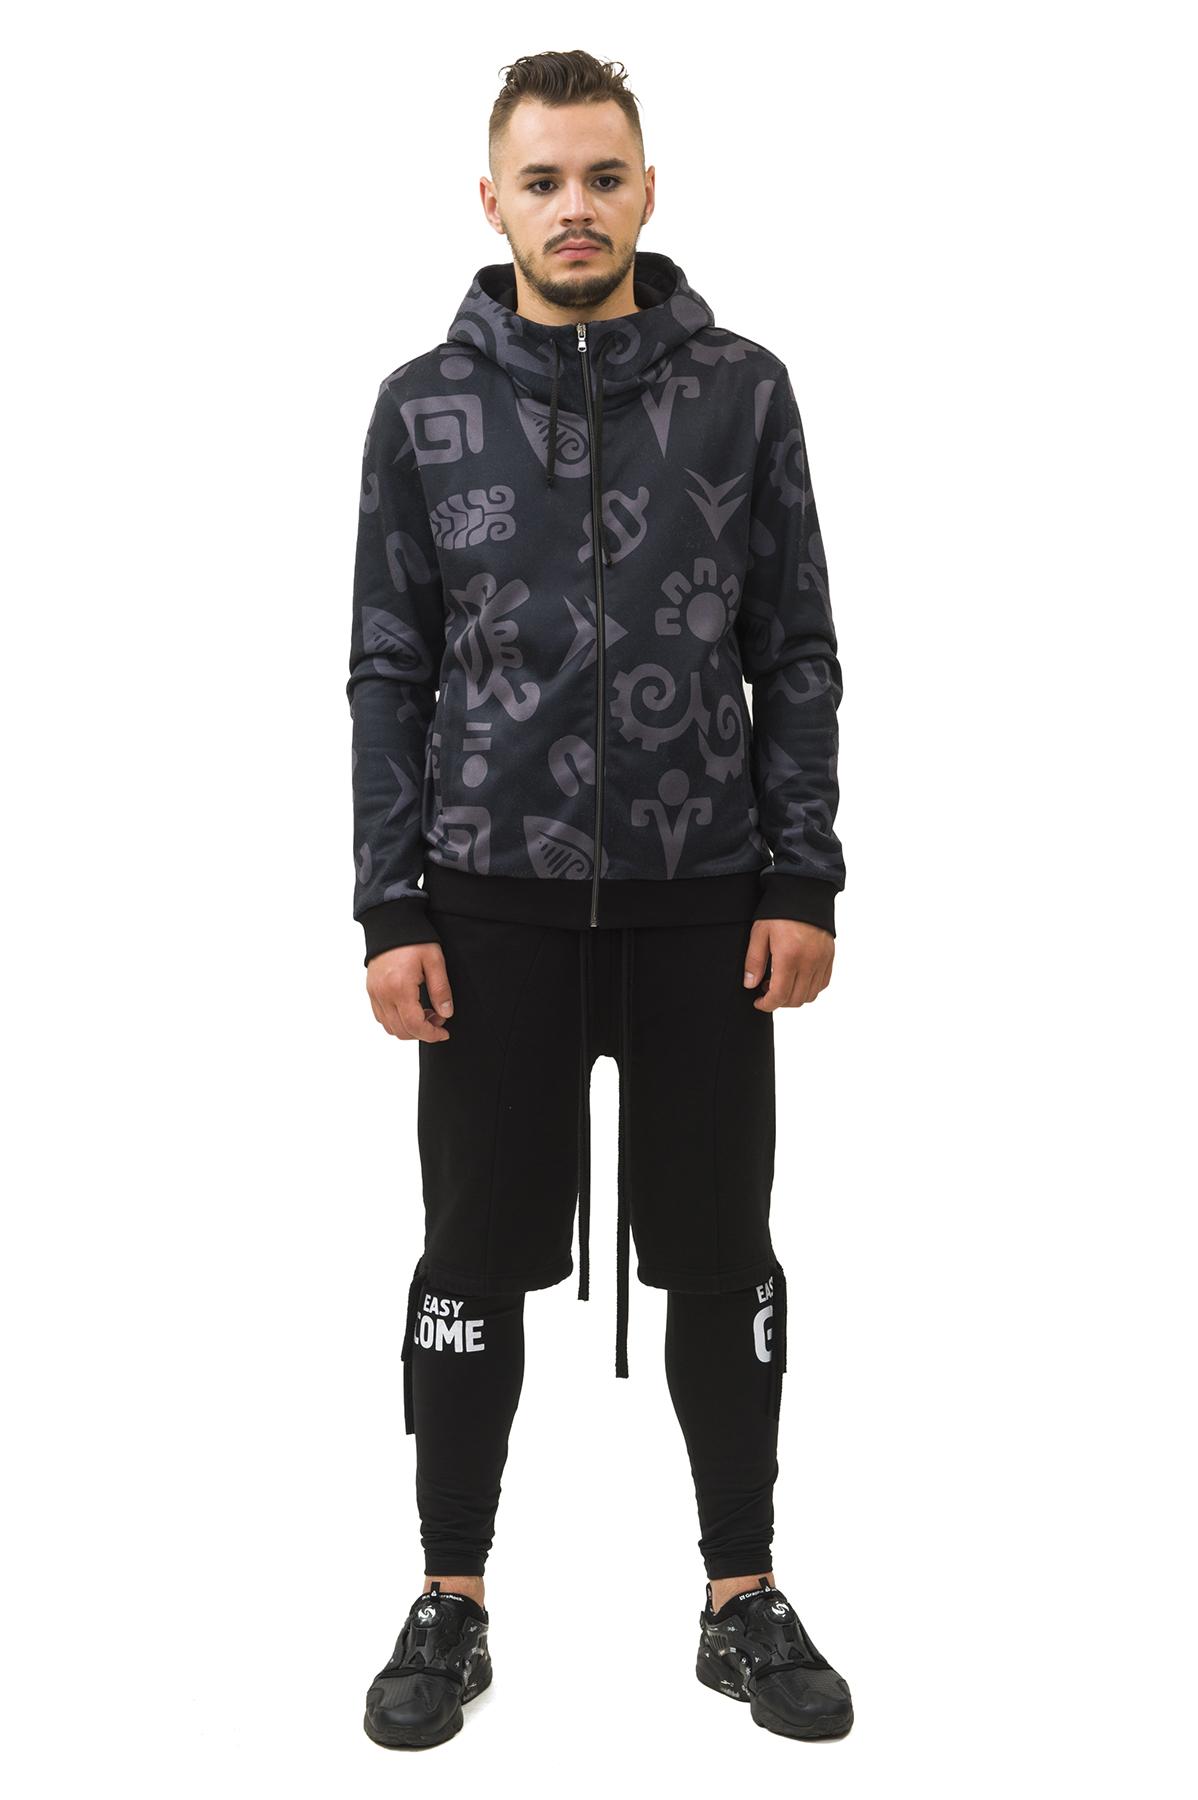 КурткаКуртки, пальто, ветровки<br>Спортивная куртка Pavel Yerokin с принтом  выполнена из трикотажной ткани. Особенности: прямой крой, застежка-молния, капюшон со шнуром, два кармана спереди, этнический принт.<br><br>Цвет: черный,серый<br>Состав: Полиэстер - 70%, Вискоза - 25%, Эластан - 5%<br>Размер: 44,46,48,50,52,54,56<br>Страна дизайна: Россия<br>Страна производства: Россия